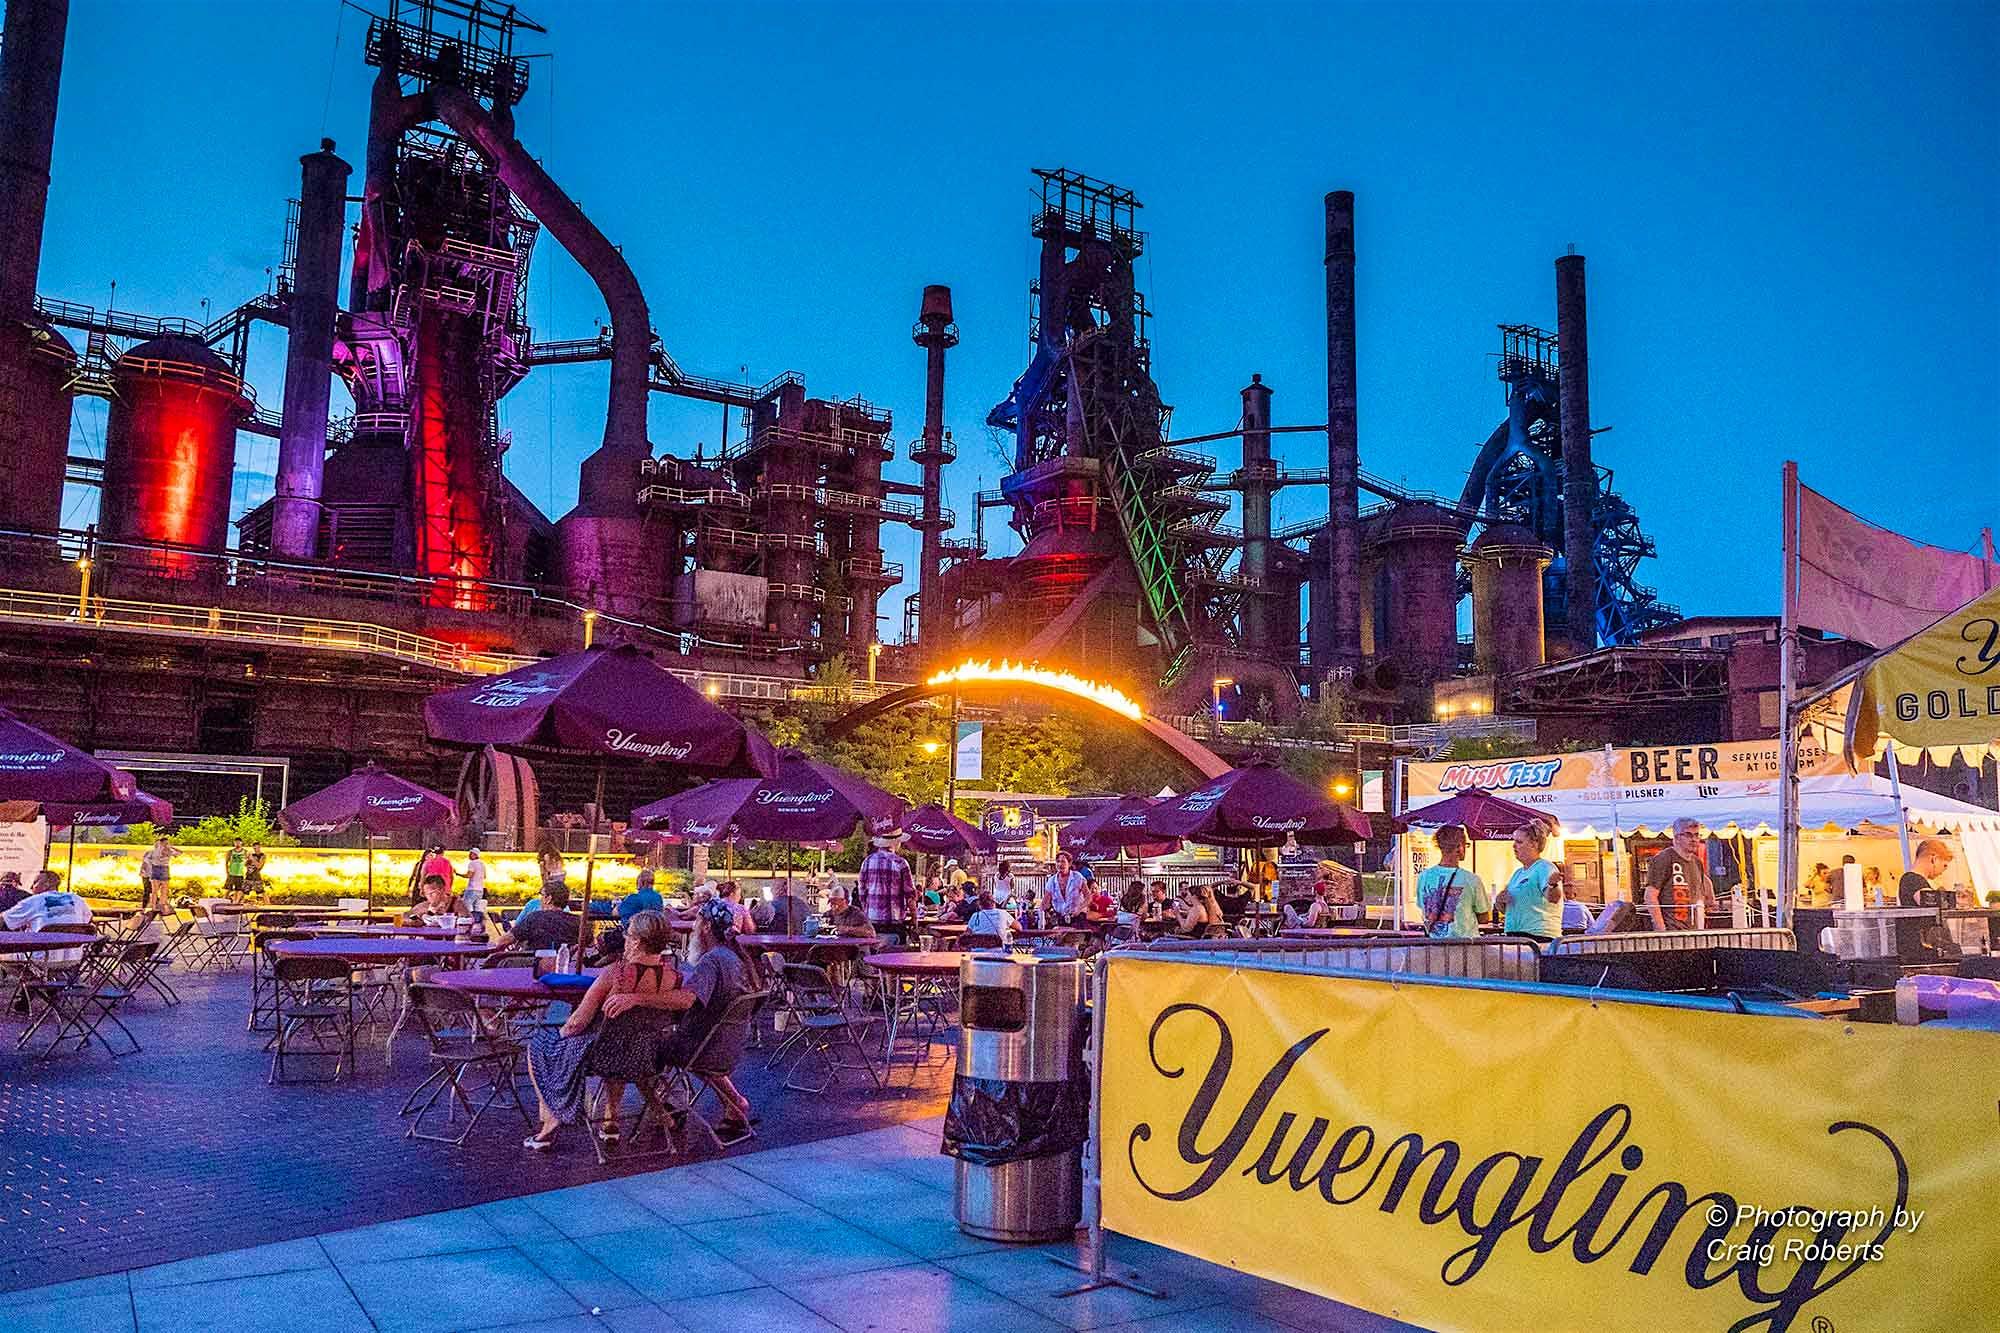 Festval-goers relax at Steelstacks